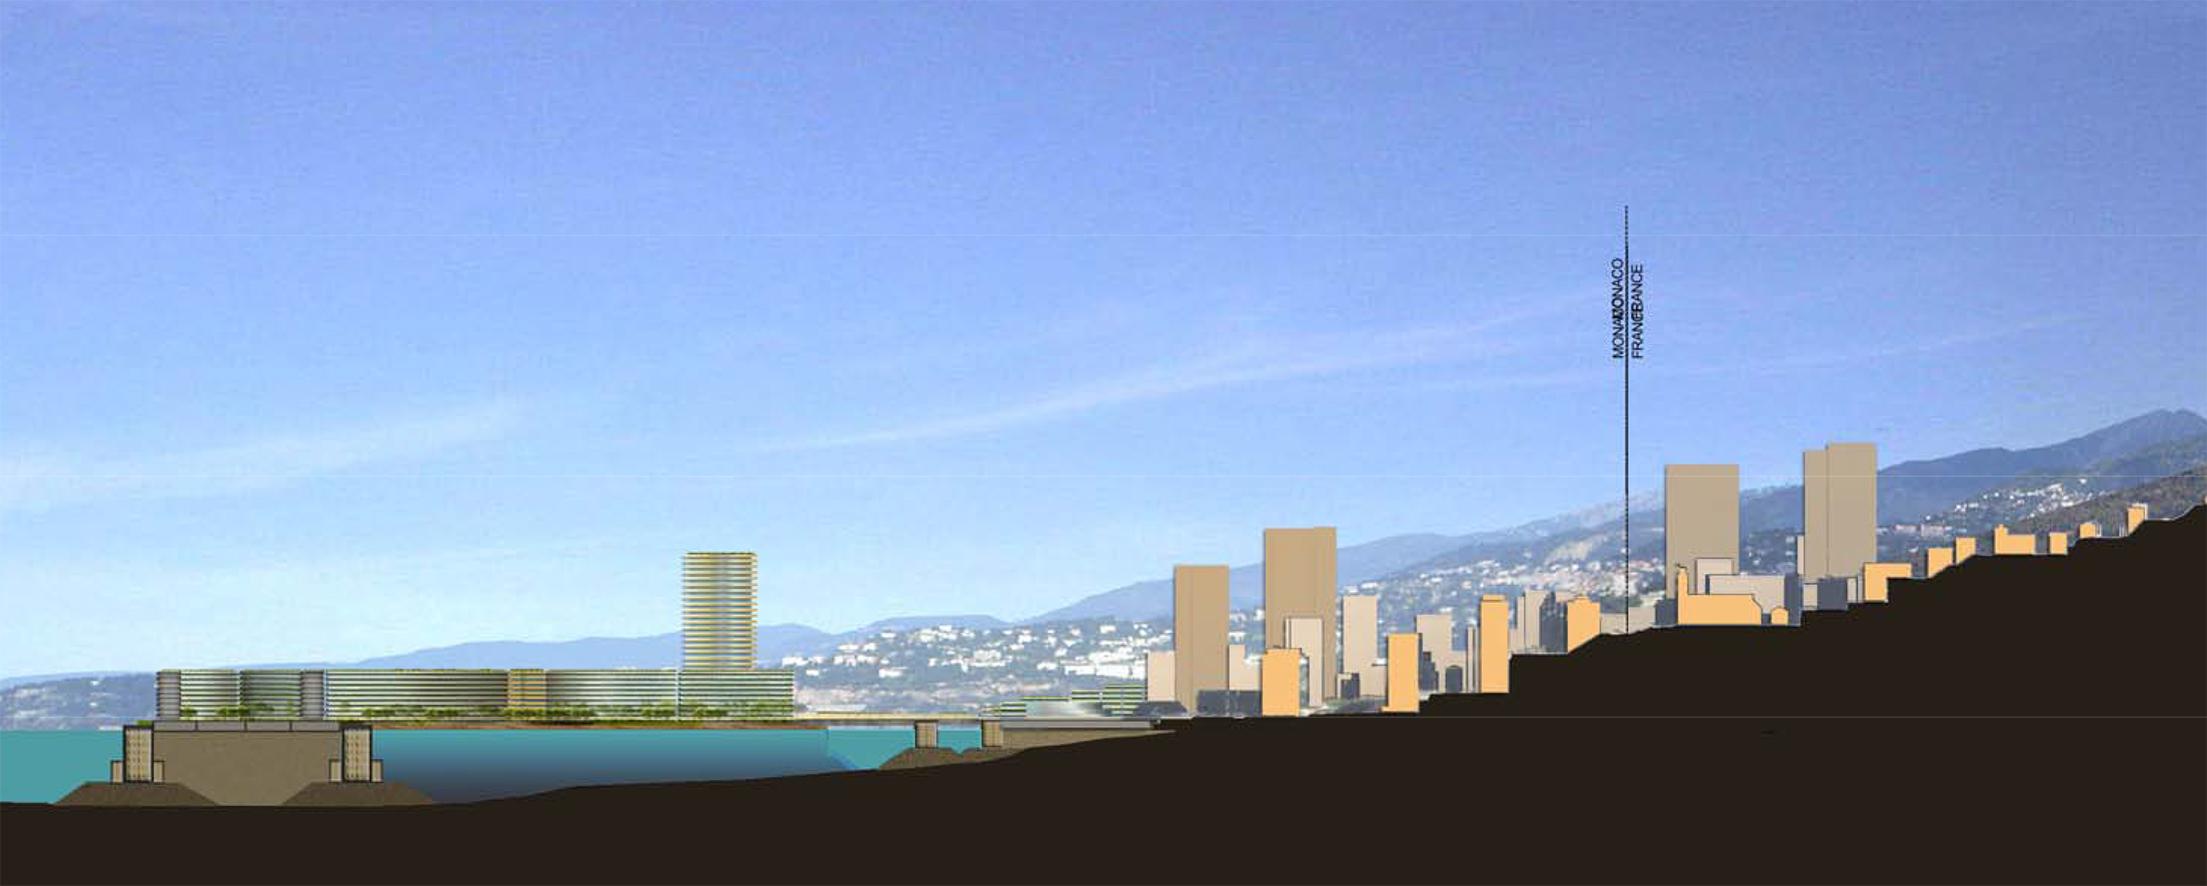 חתך האי ביחס לעיר